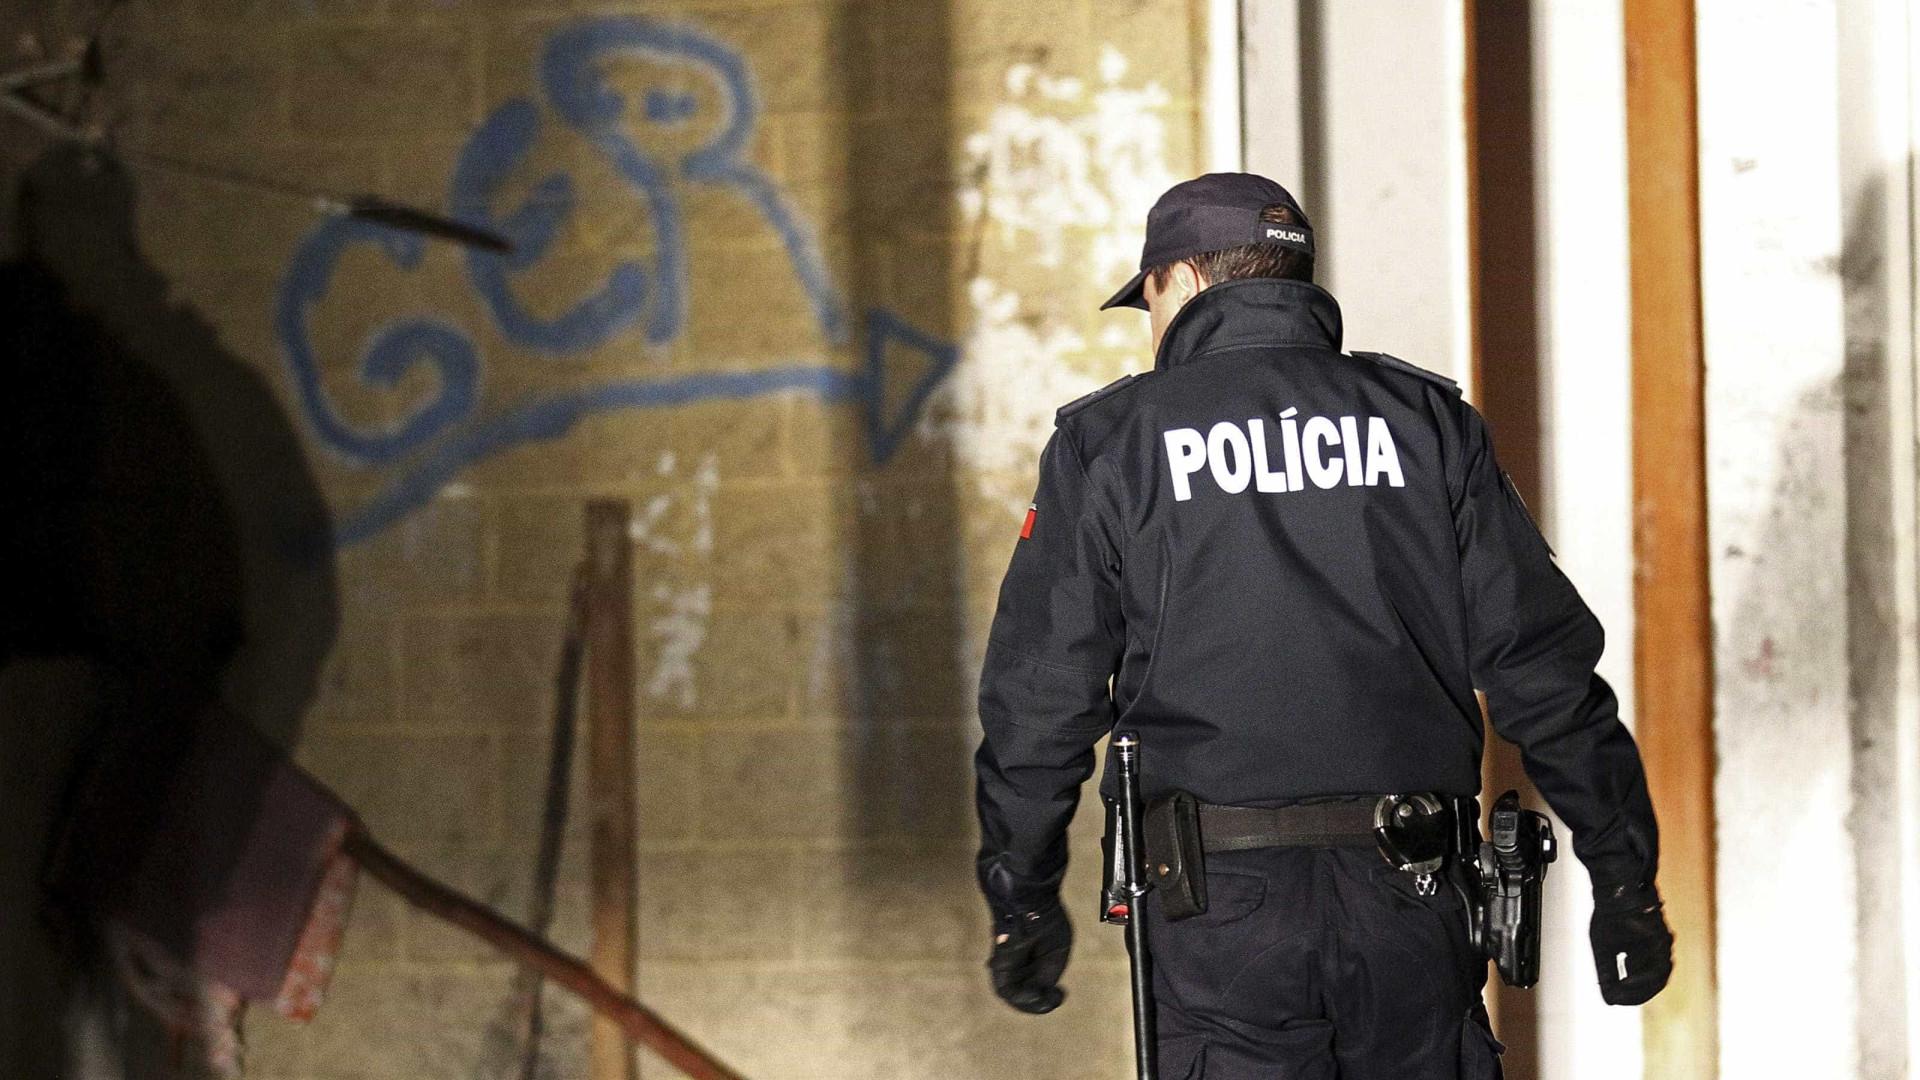 PSP de Lisboa deteve mais de 50 pessoas nas últimas 24 horas